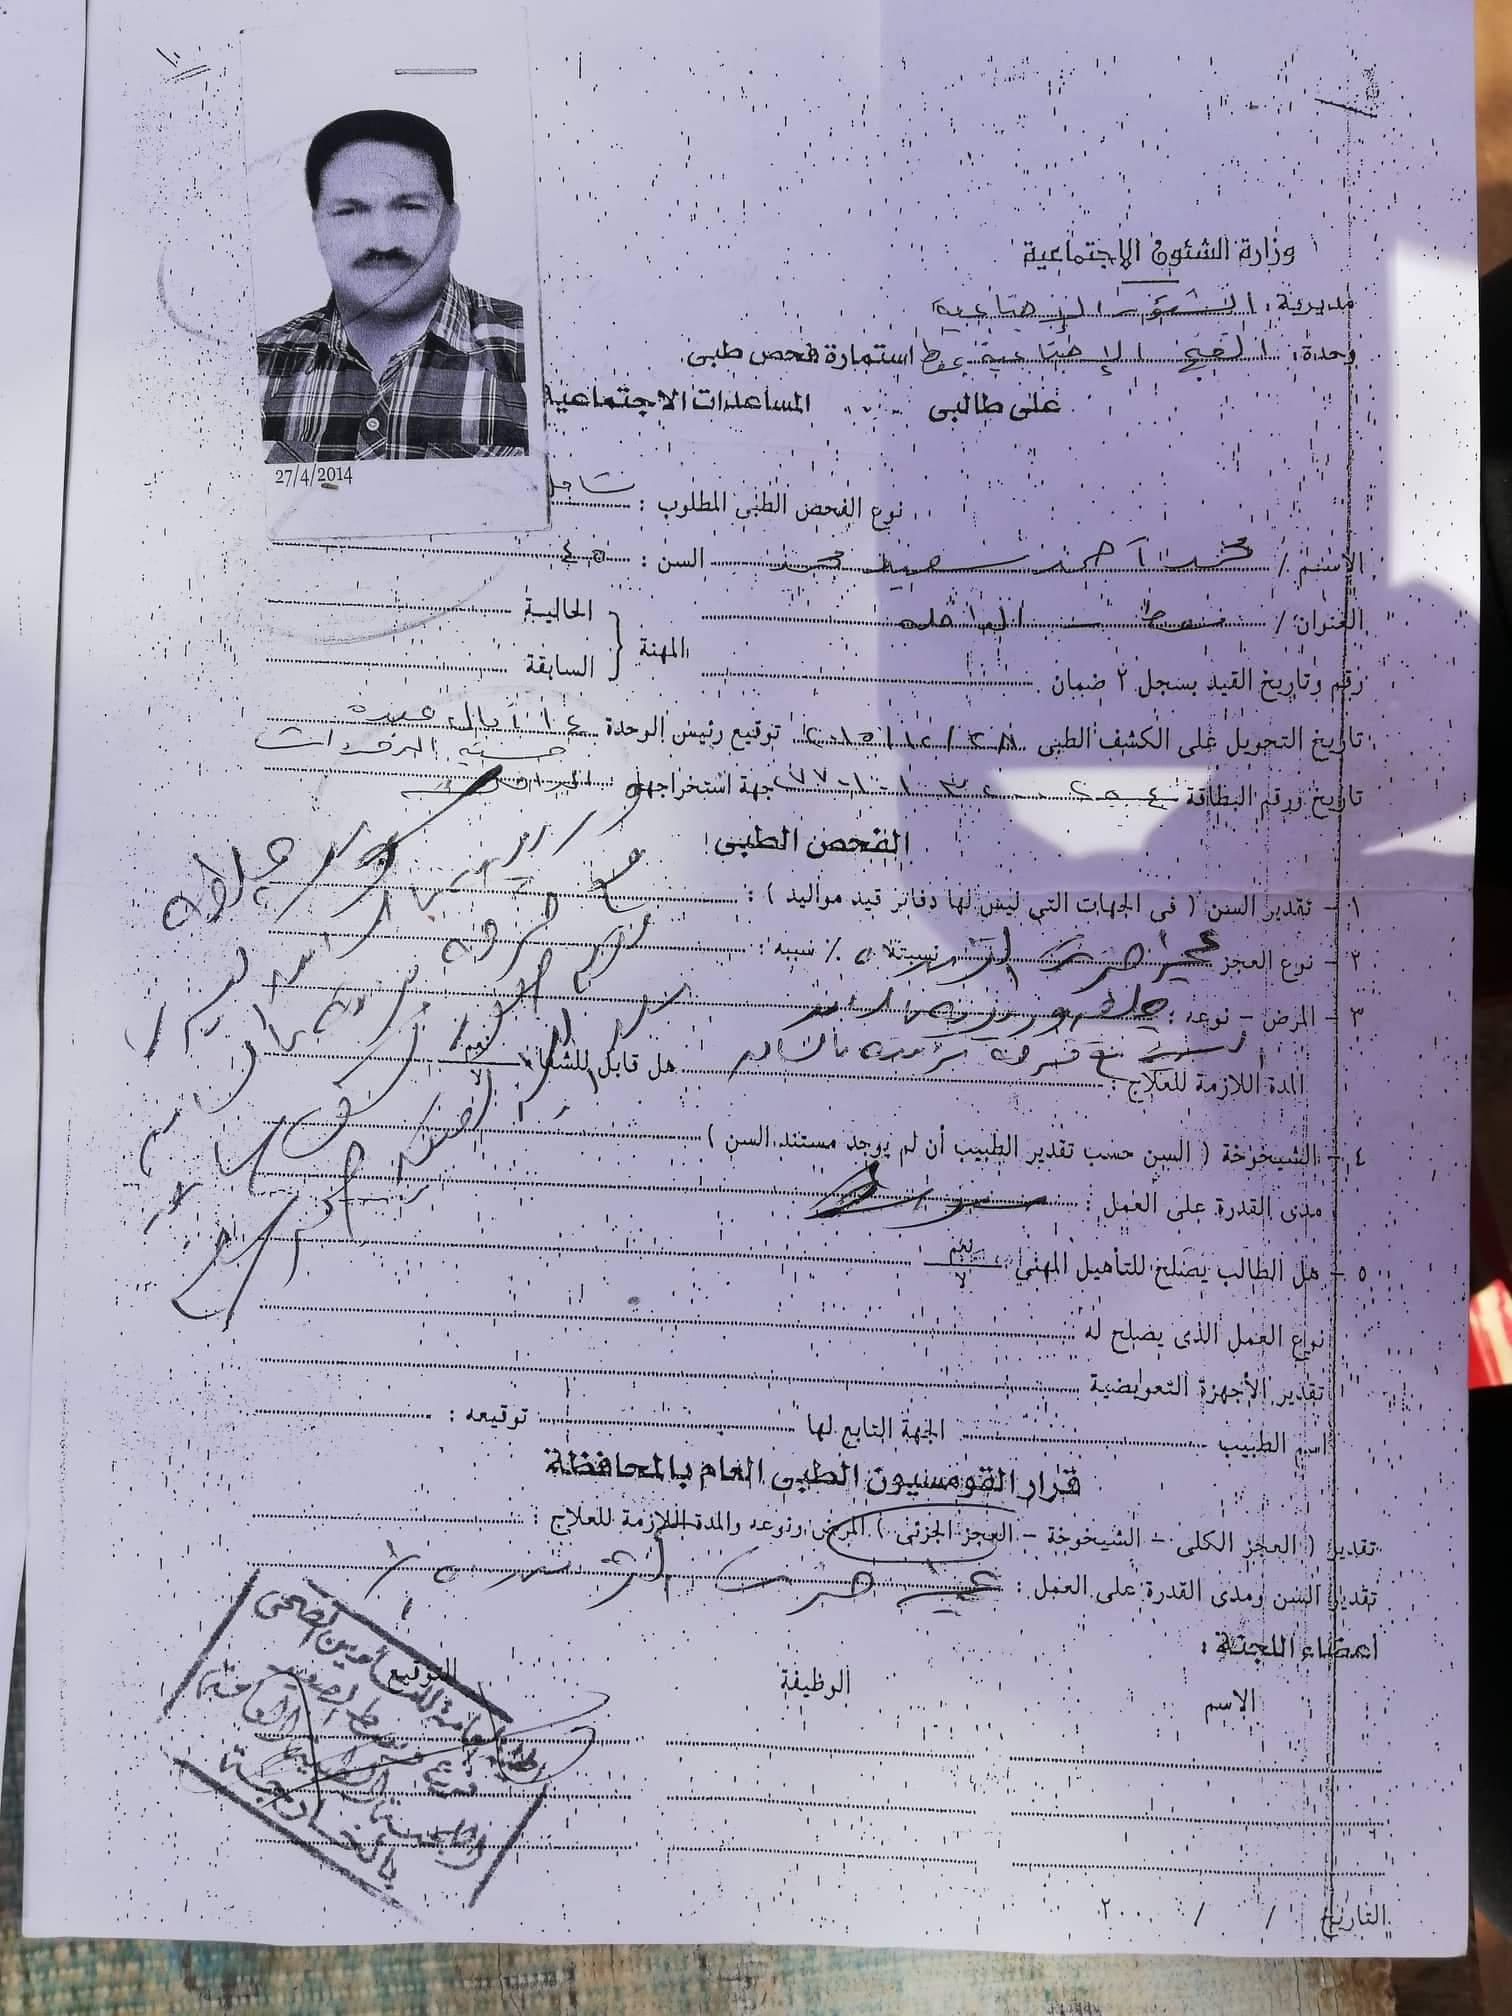 محمد أحمد سعيد شاب من أهالى مدينة موط بالداخلة (9)